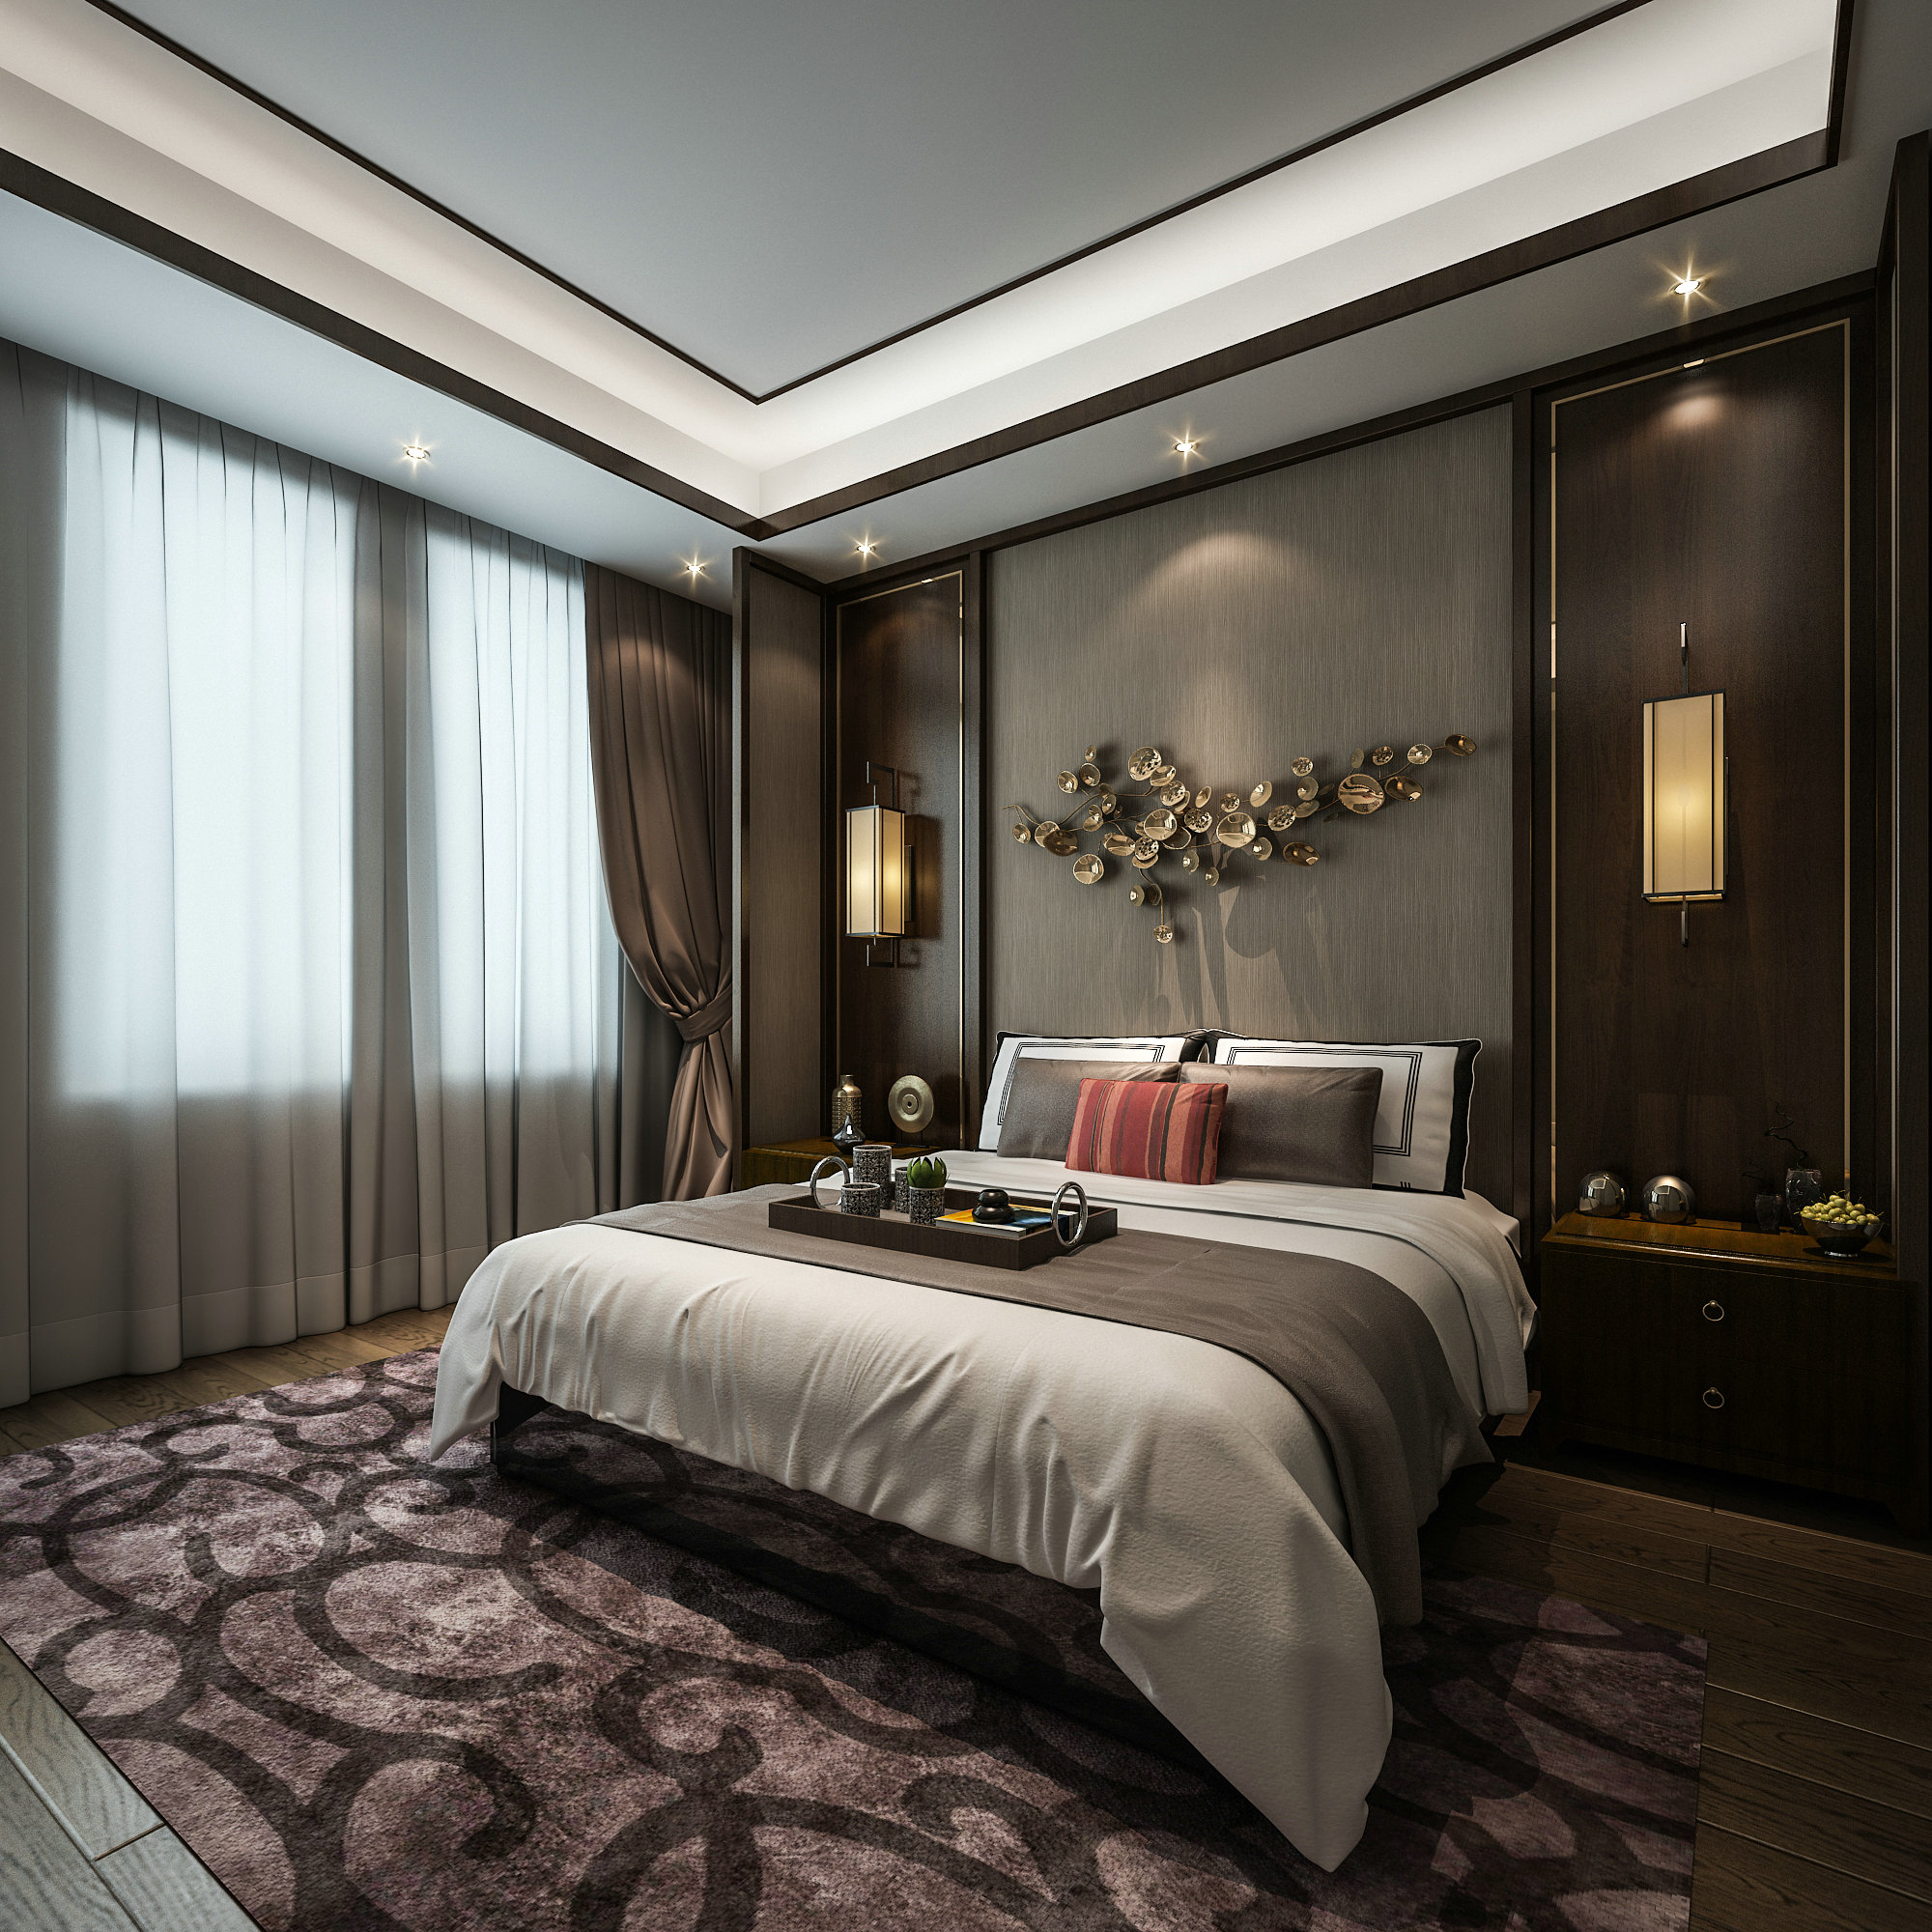 虹桥高尔夫 别墅装修 新中式风格 腾龙设计 卧室图片来自孔继民在虹桥高尔夫别墅新中式风格设计的分享